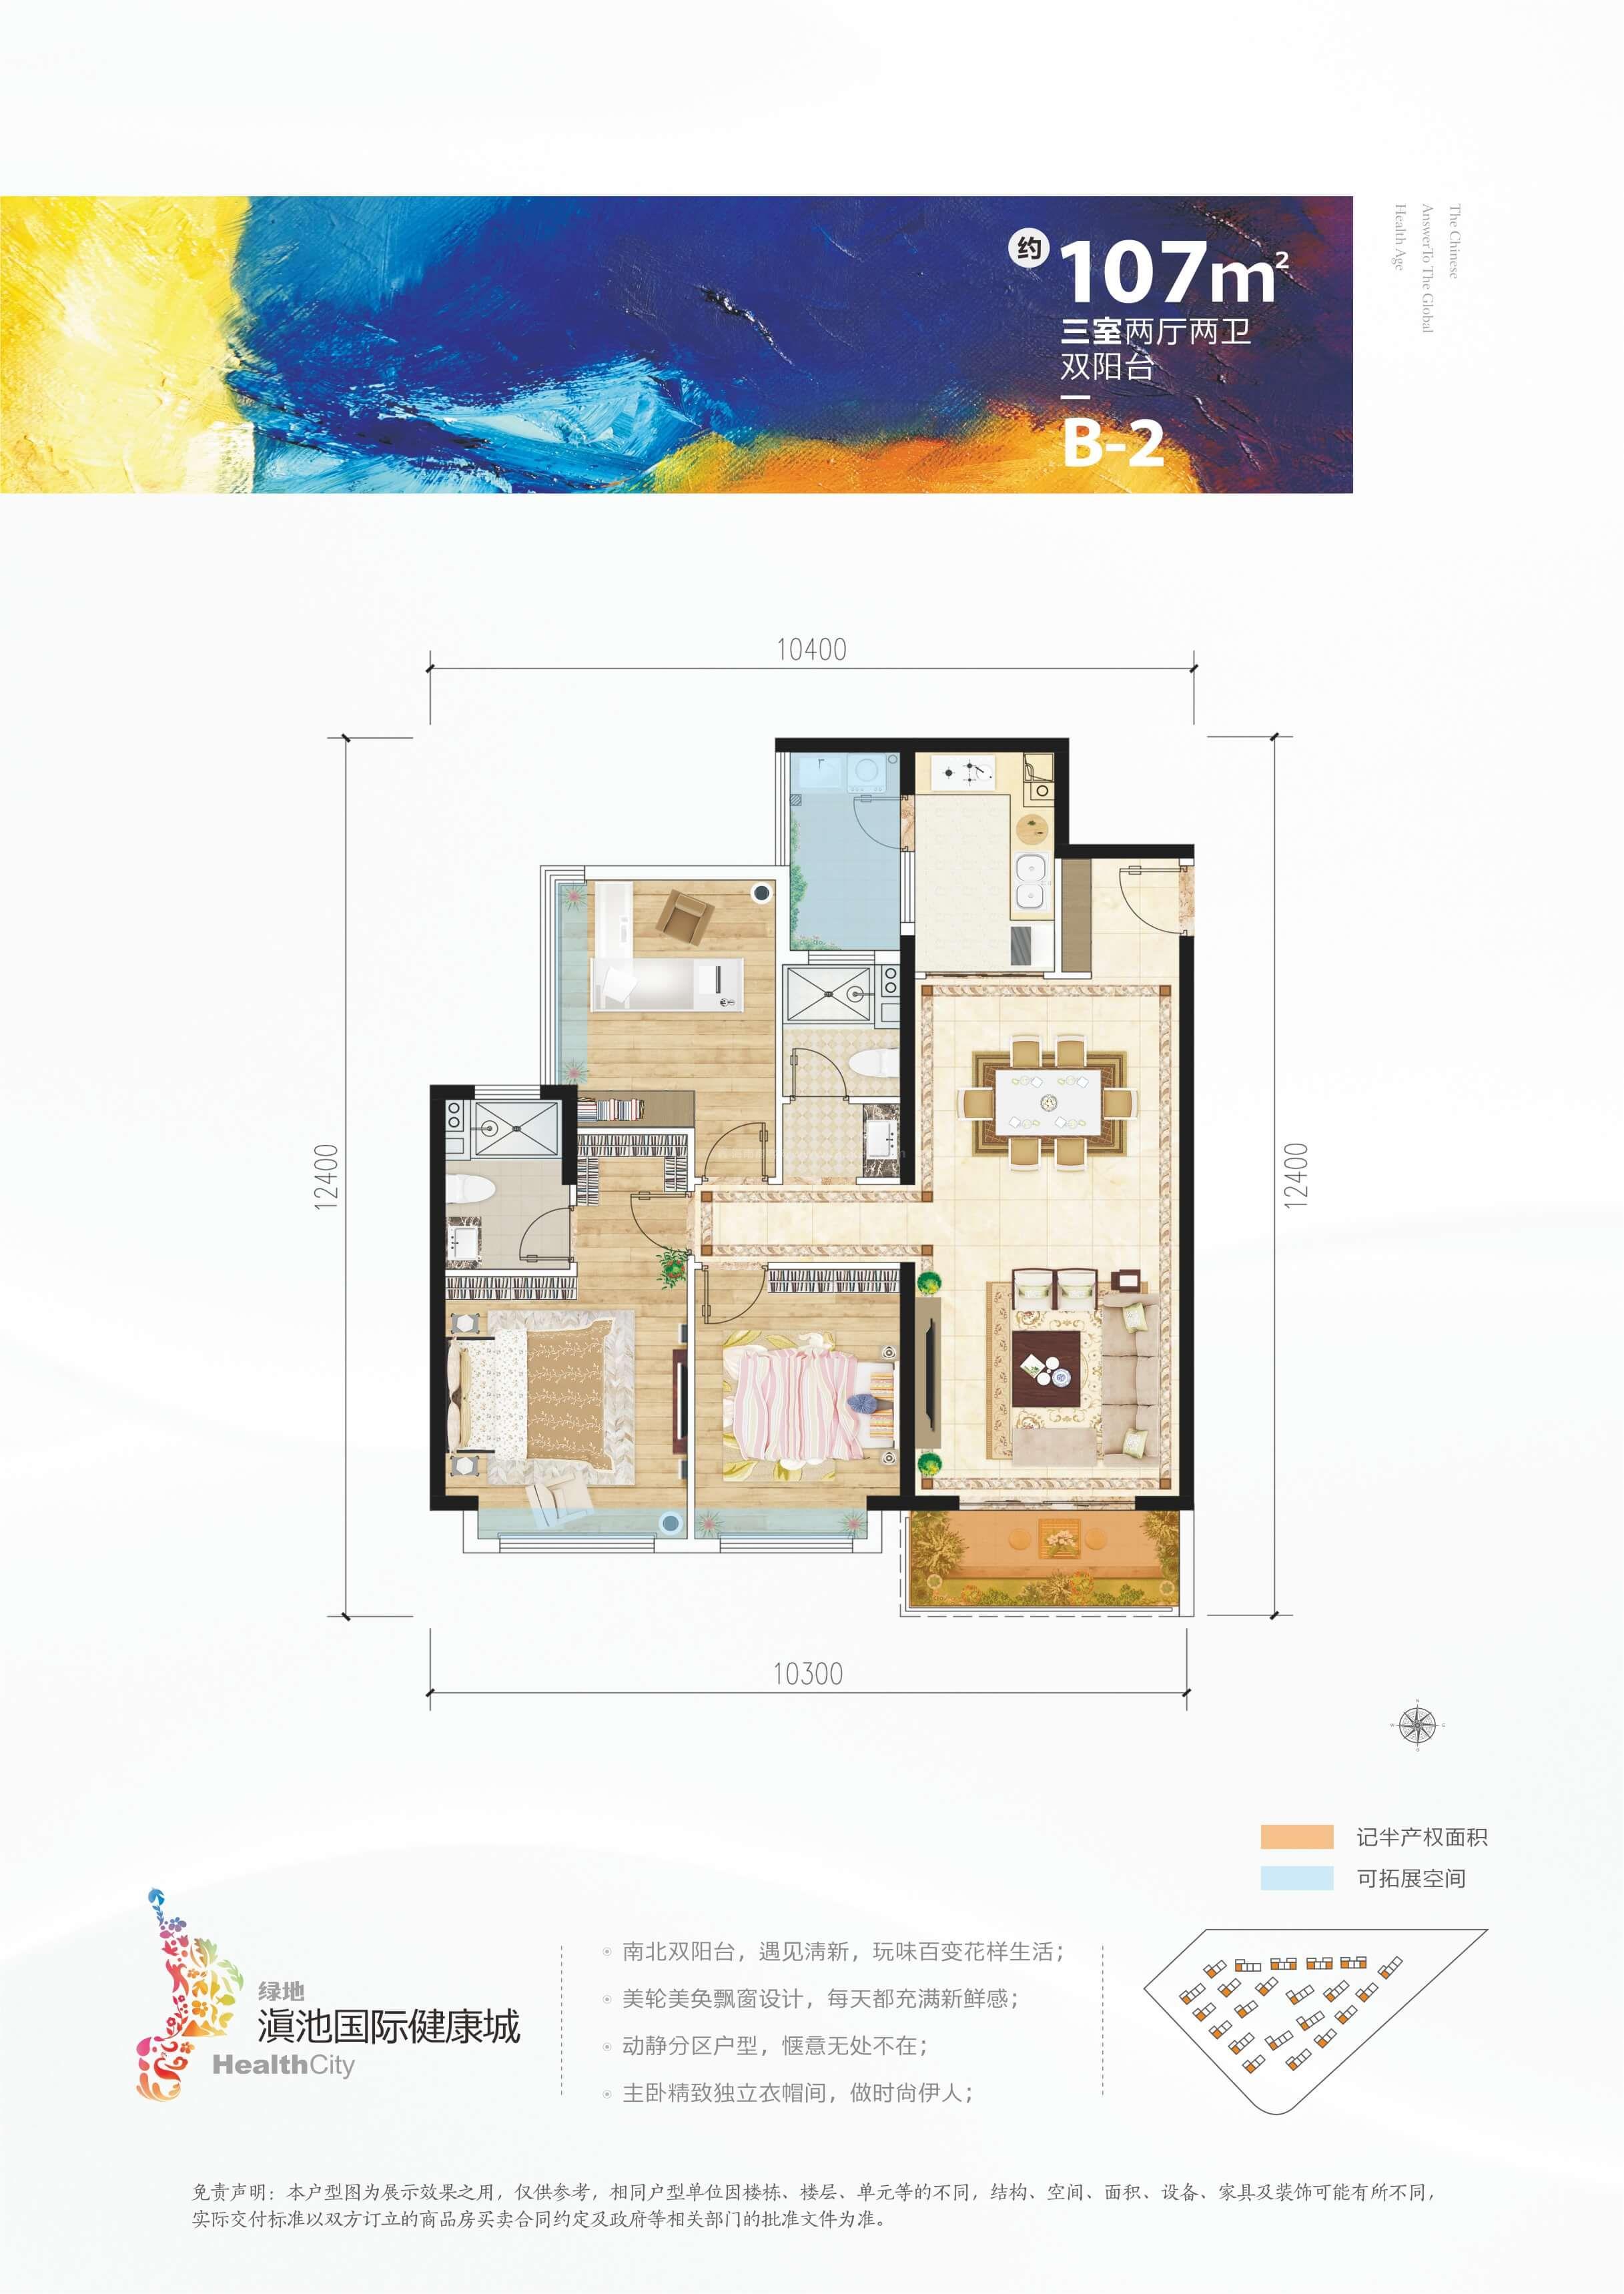 健康城B-2 3室2厅2卫 建面:107㎡